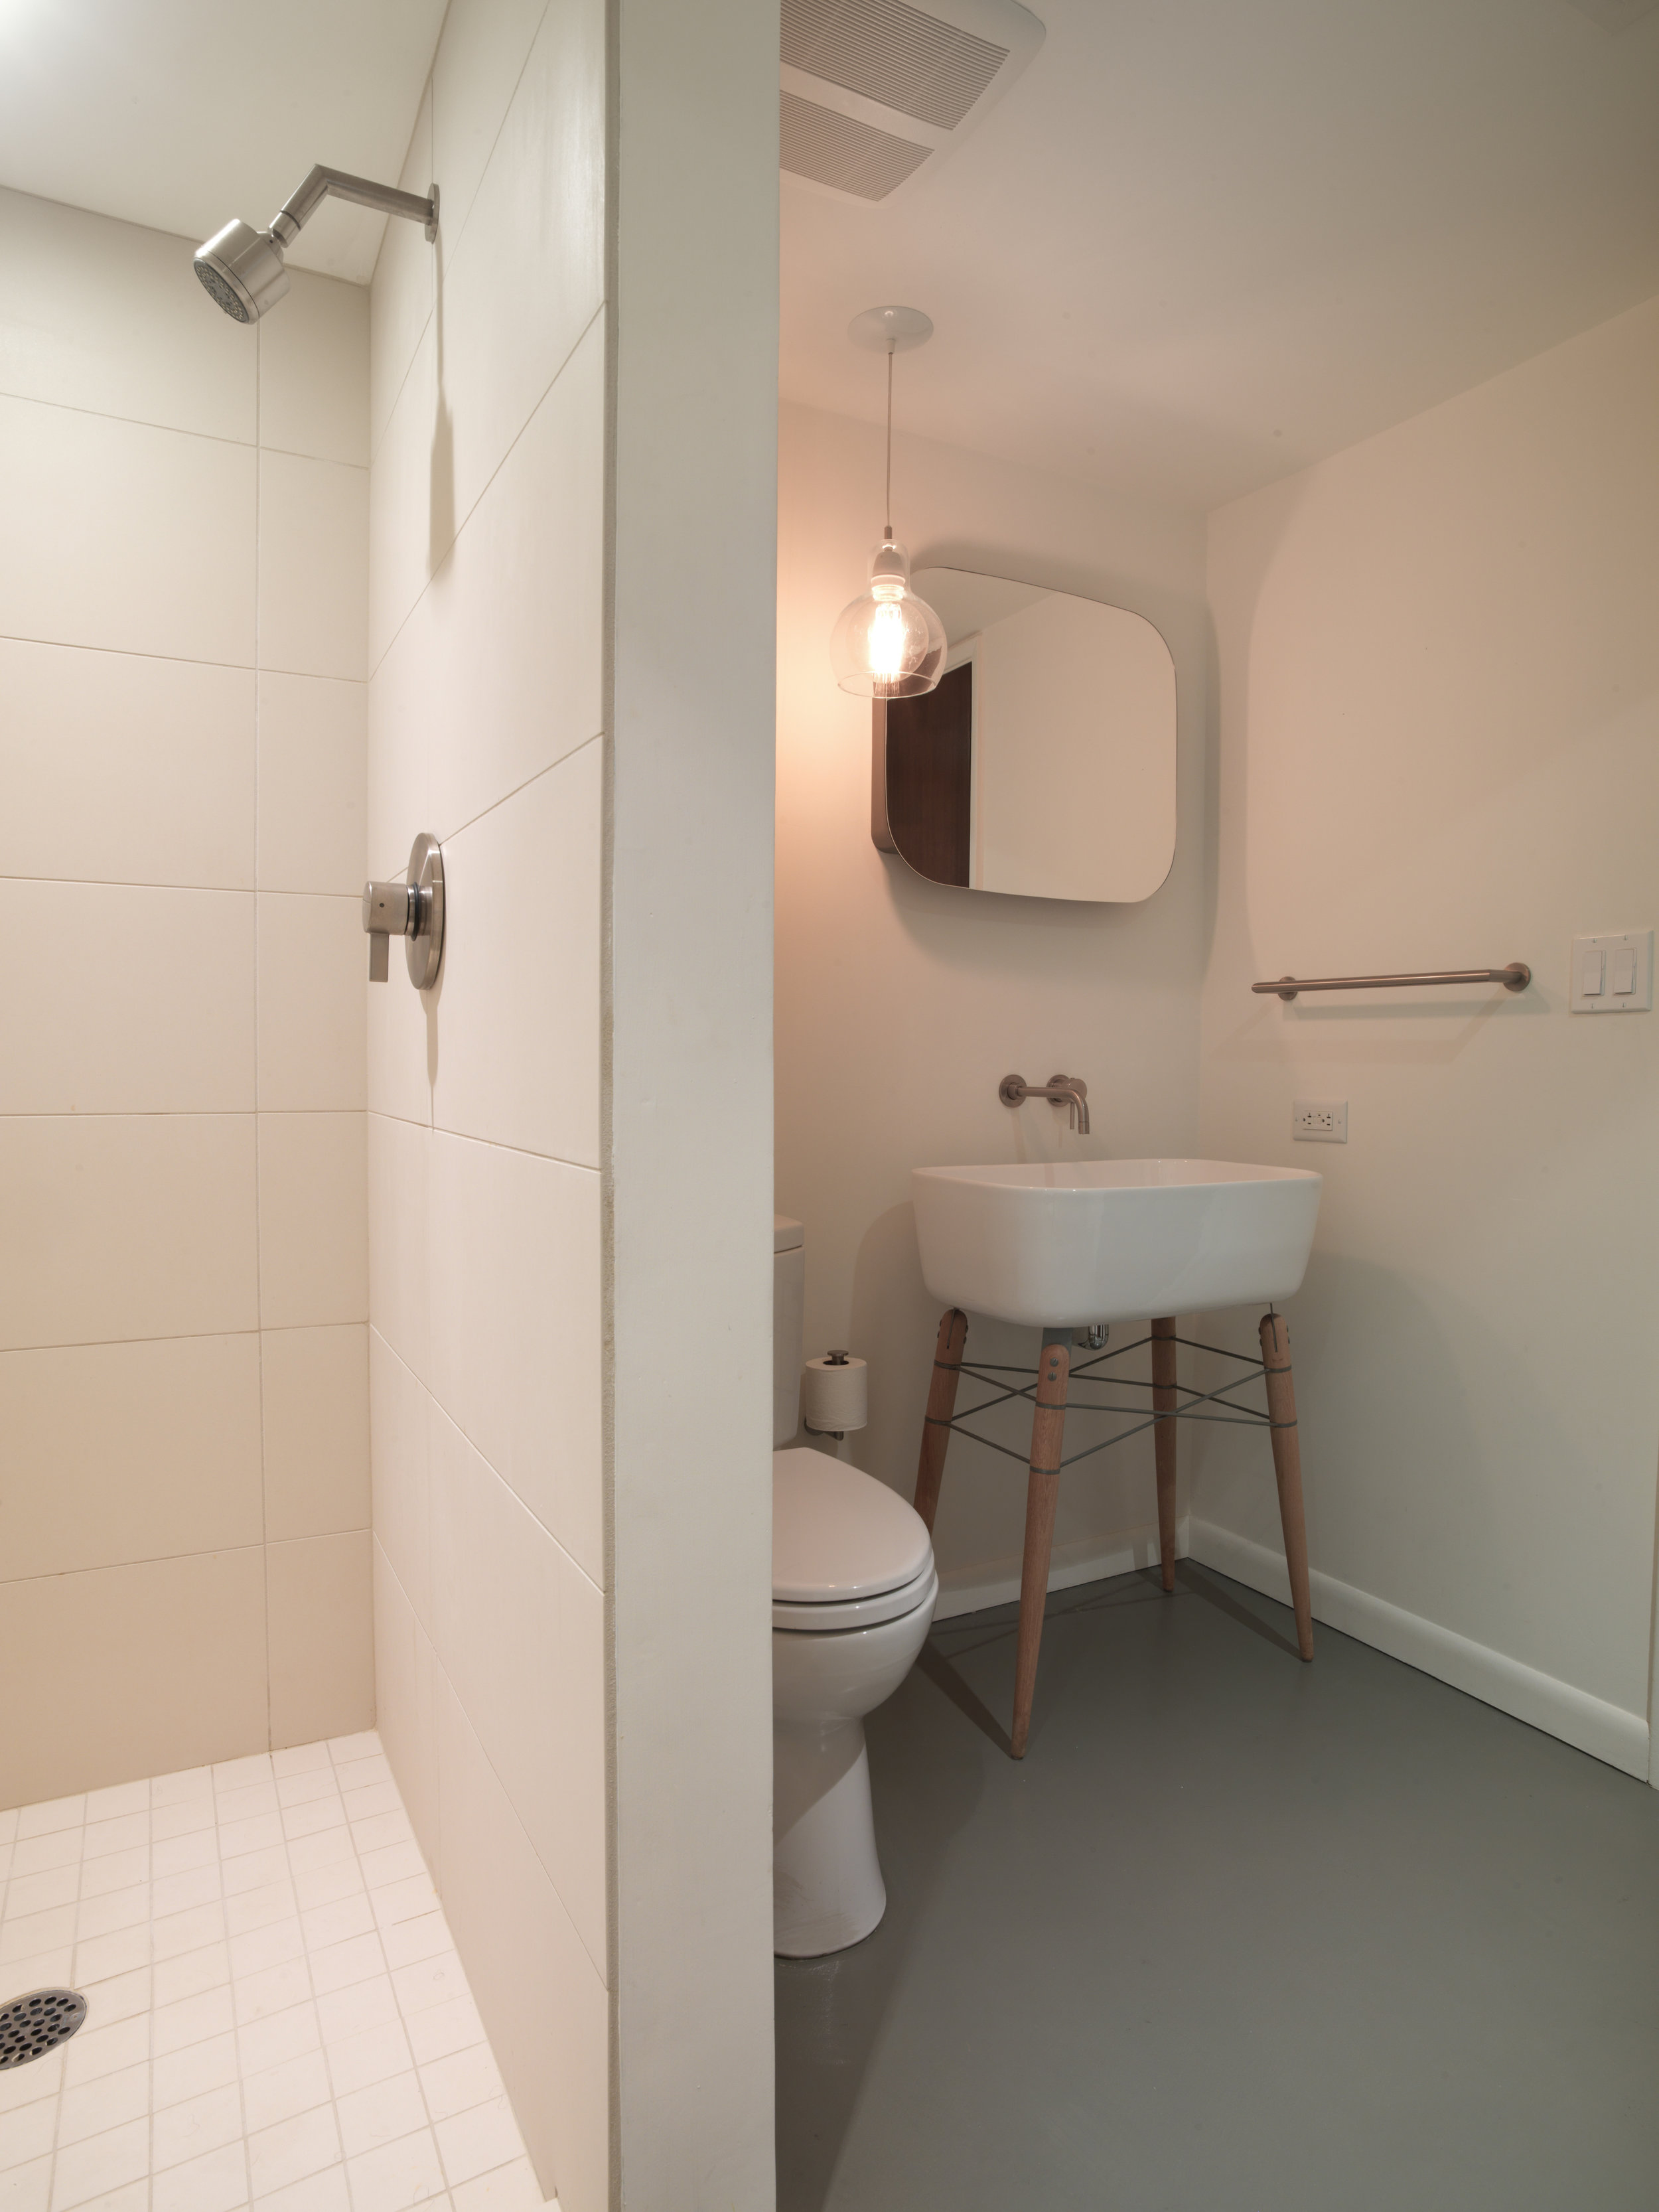 Robert_bathroom_remodel_9576.jpg